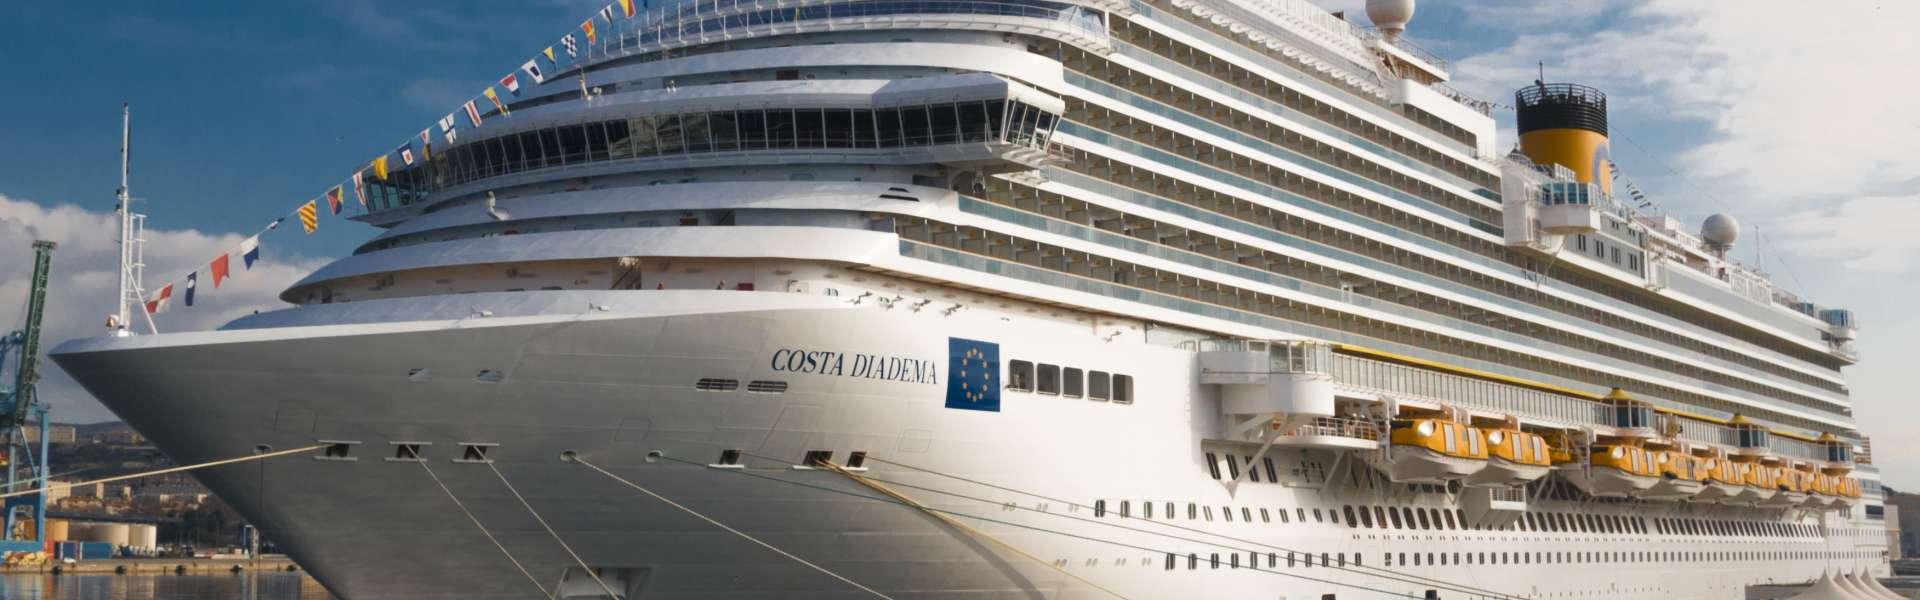 Croaziera 2019 - Mediterana de Vest (Civitavecchia) - Costa Cruises - Costa Diadema - 7 nopti